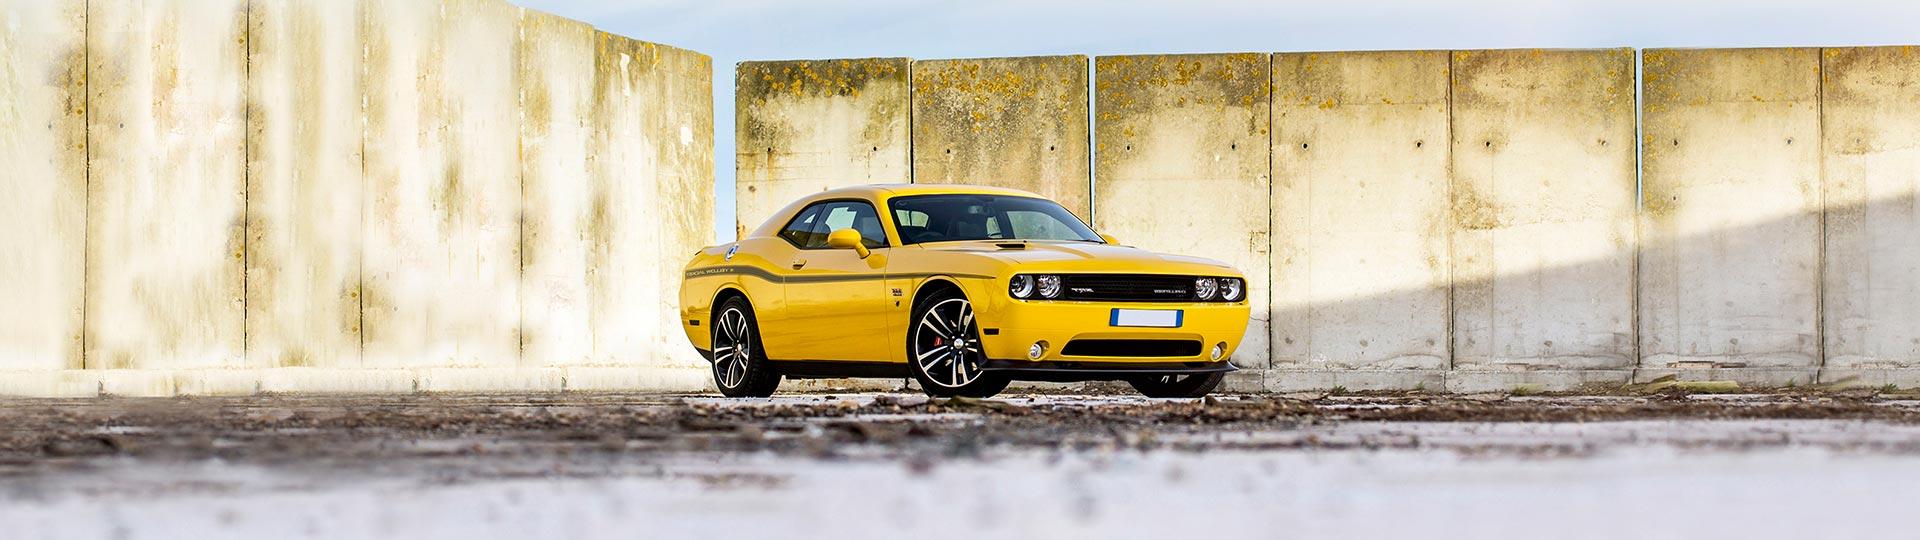 Köp däck, fälg och däckhotell i Linköping hos Däckstop GMG Motor AB, vi är en verkstad för er som gillar bilar